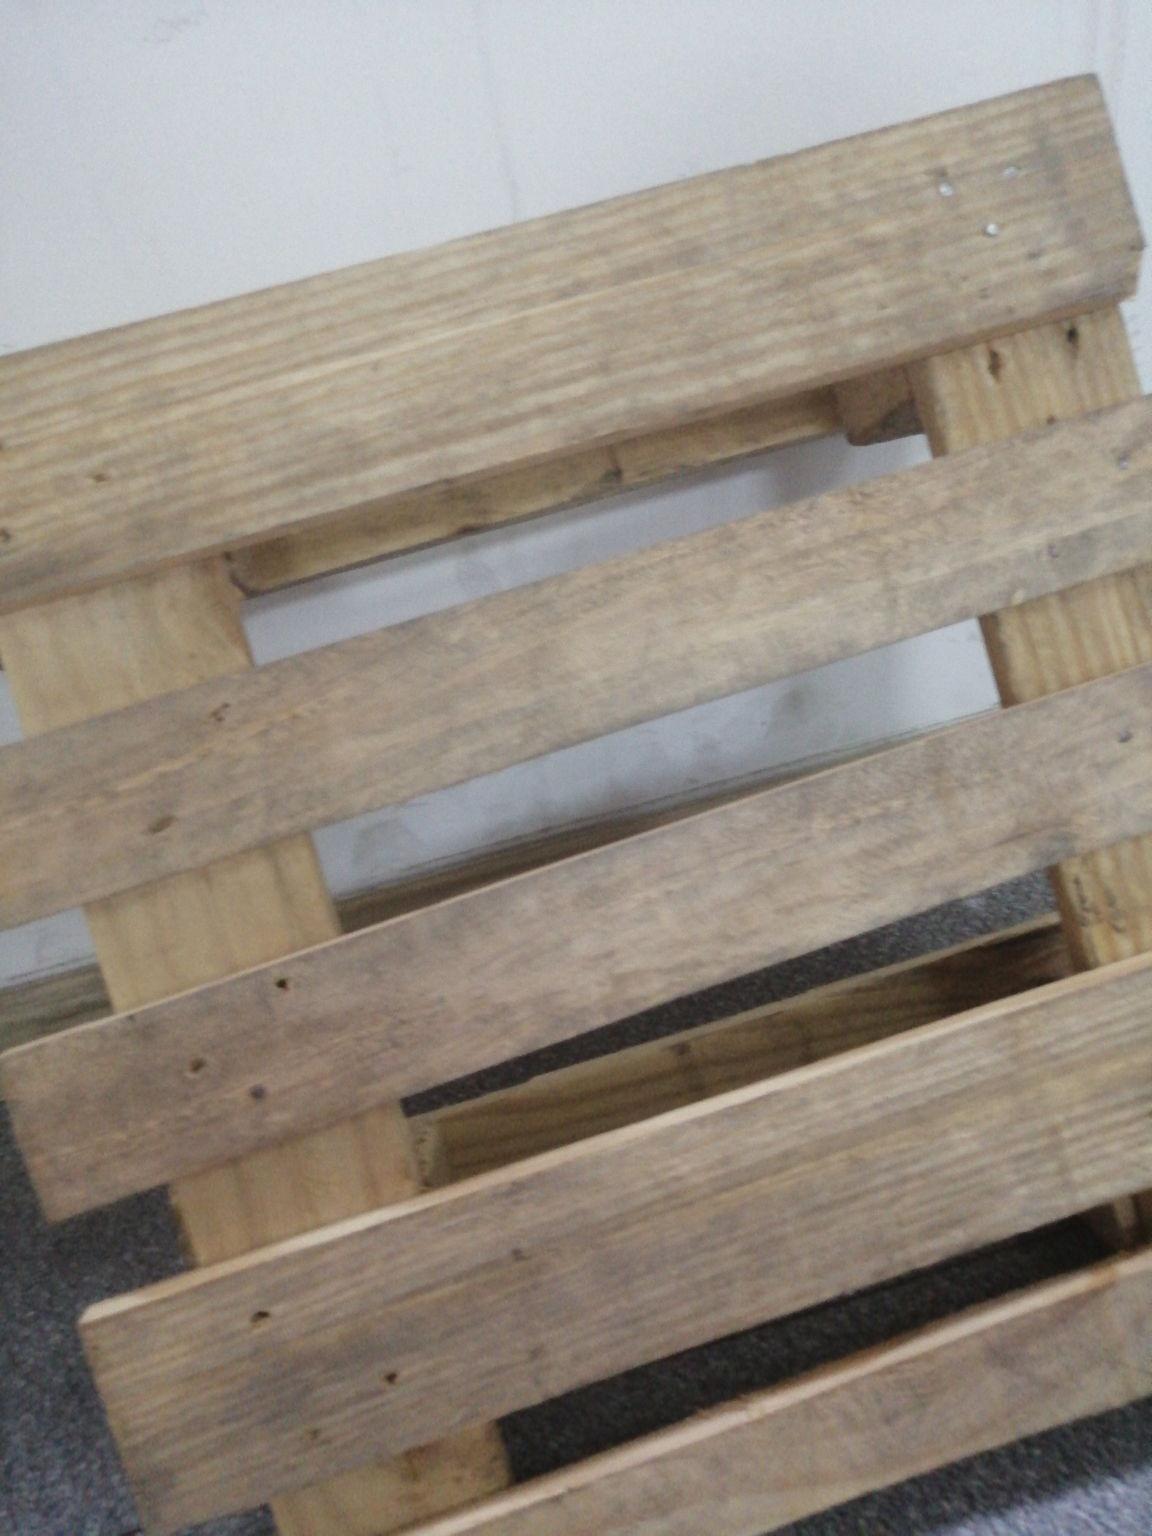 松木学生课??,▒%ⅽⓟ↞椅-松木学生课??,≠•椅批发、促销价??,≘ぉㇿ:.、产地货